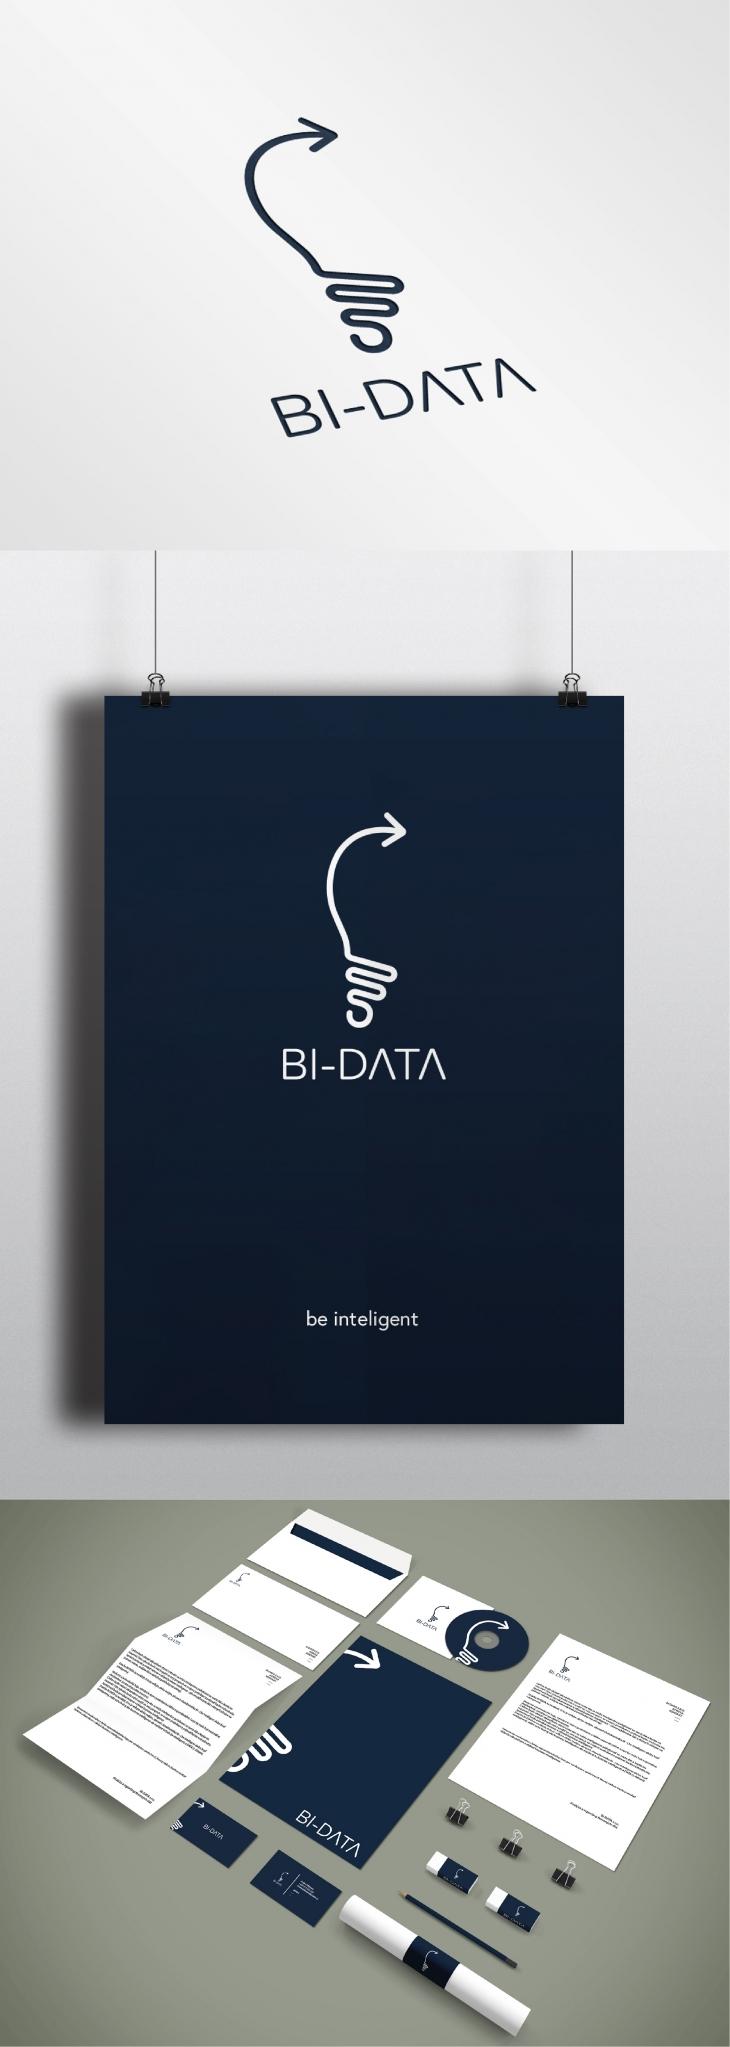 Projekt: BI-DATA